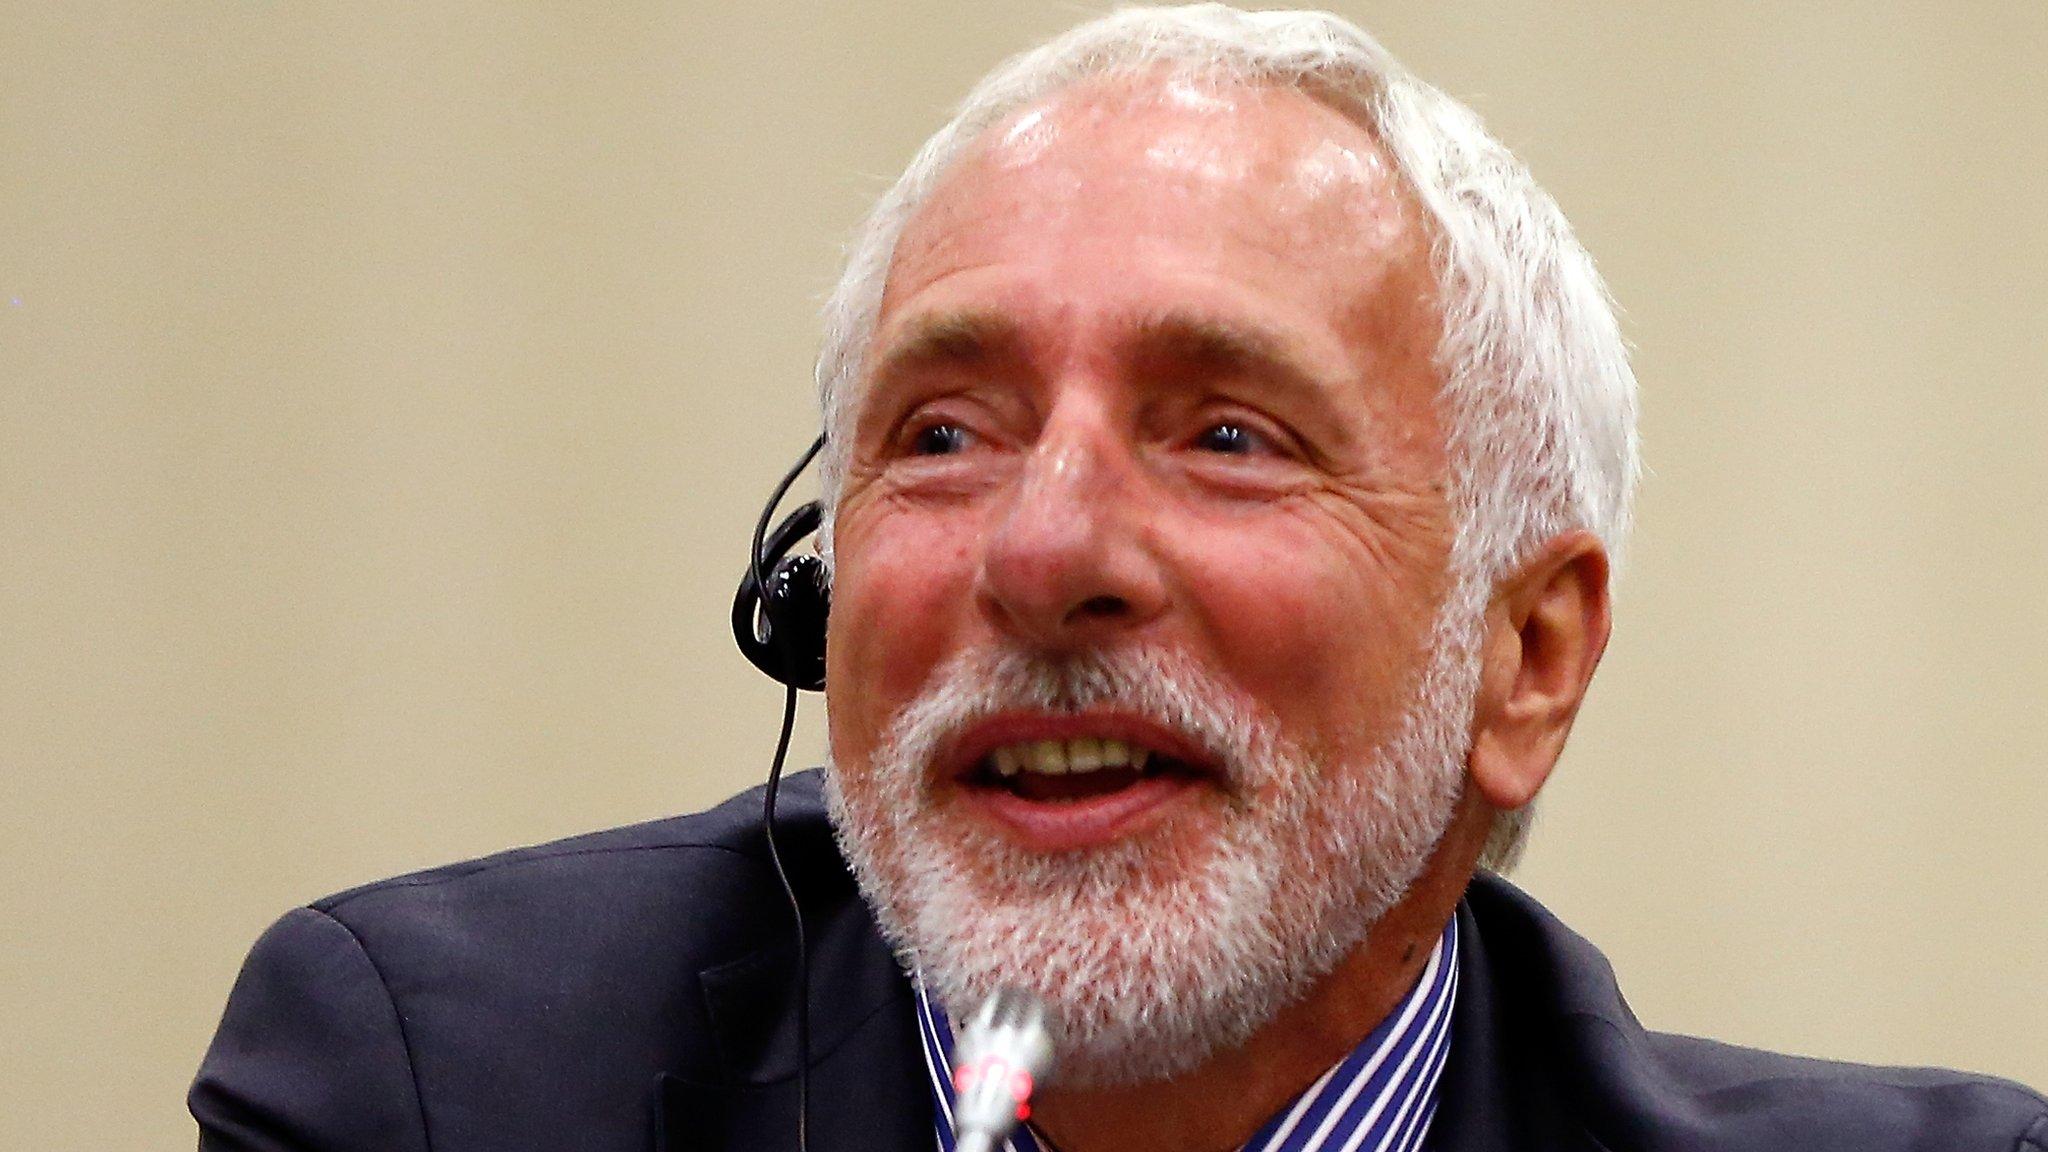 US athletics president put on leave amid investigation